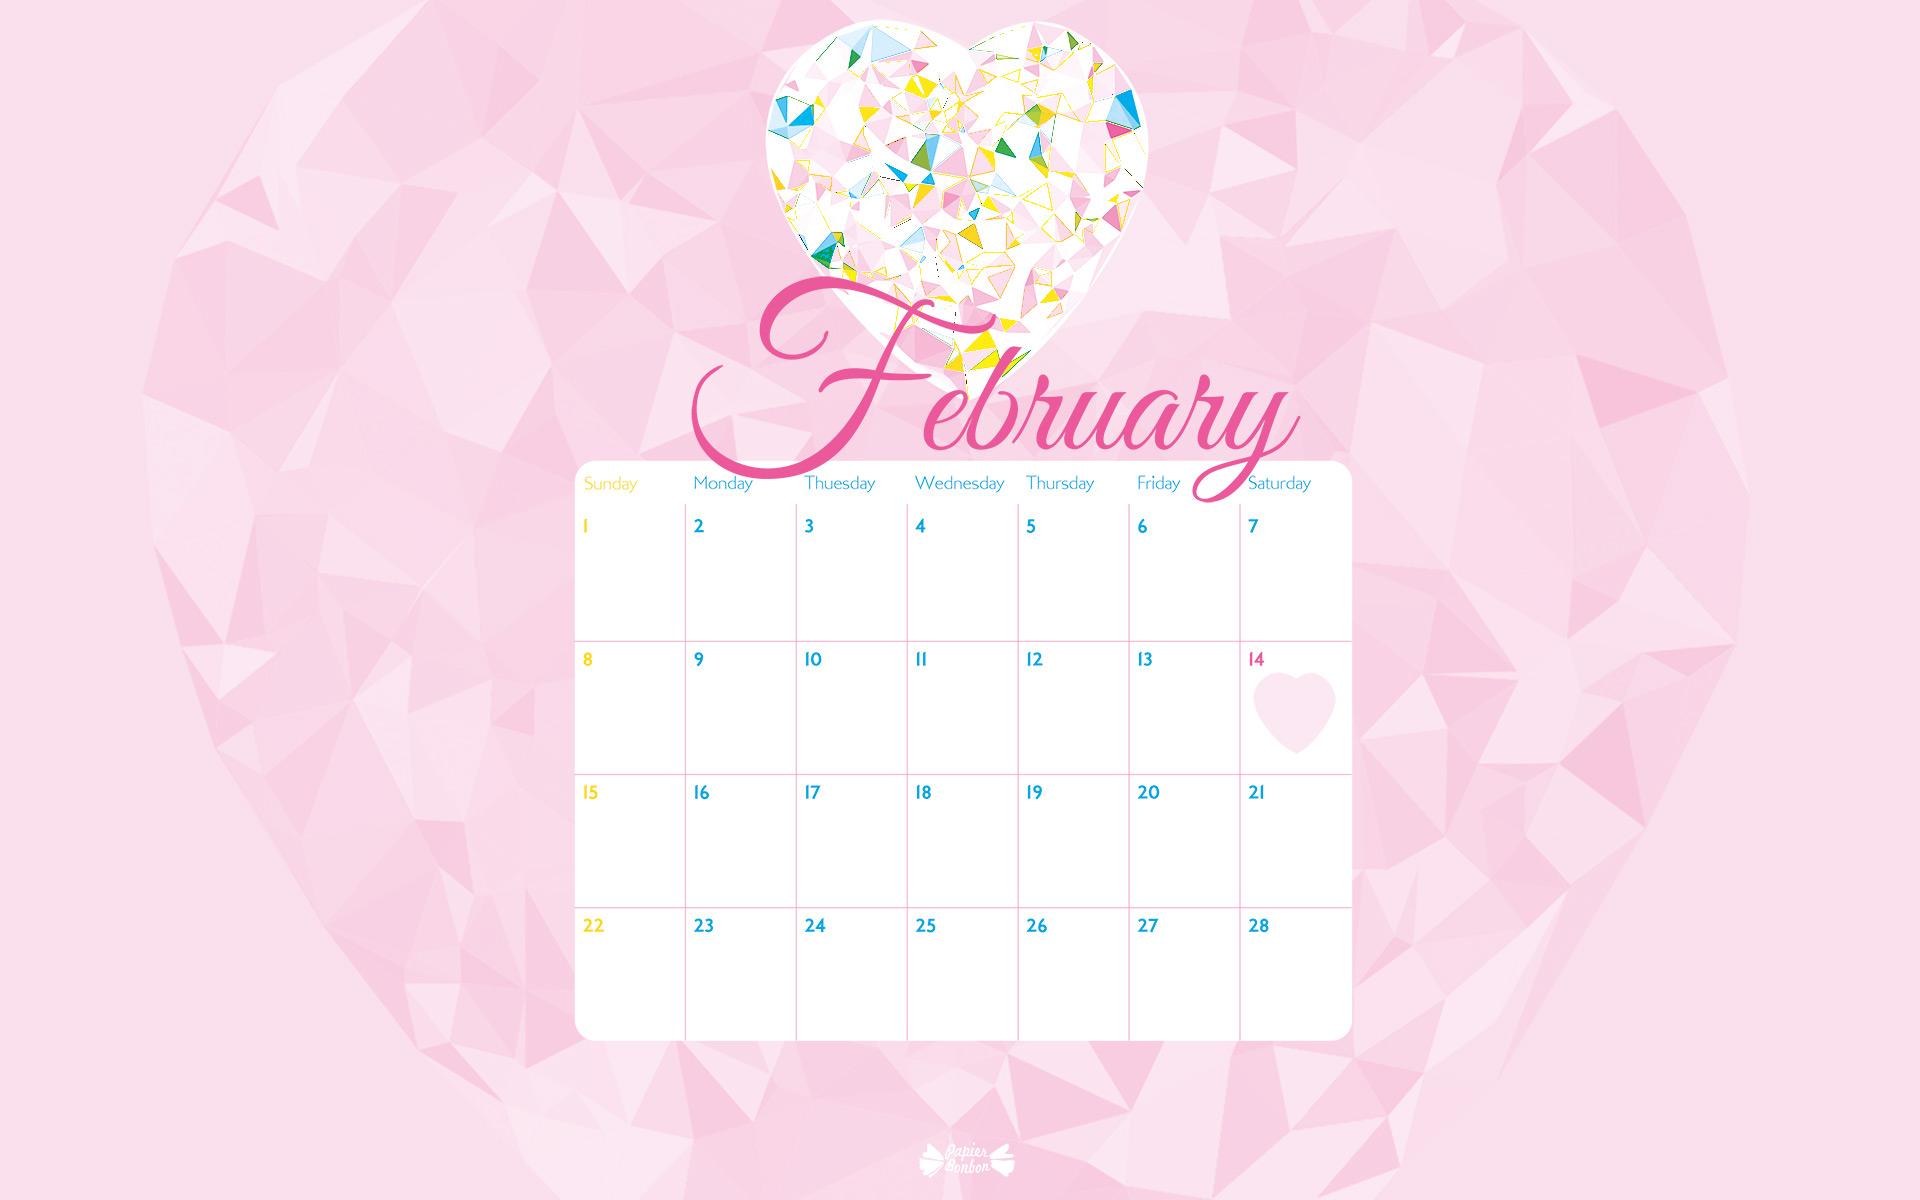 474YL7H February Calendar 2015 Wallpaper 1920x1200   Picseriocom 1920x1200